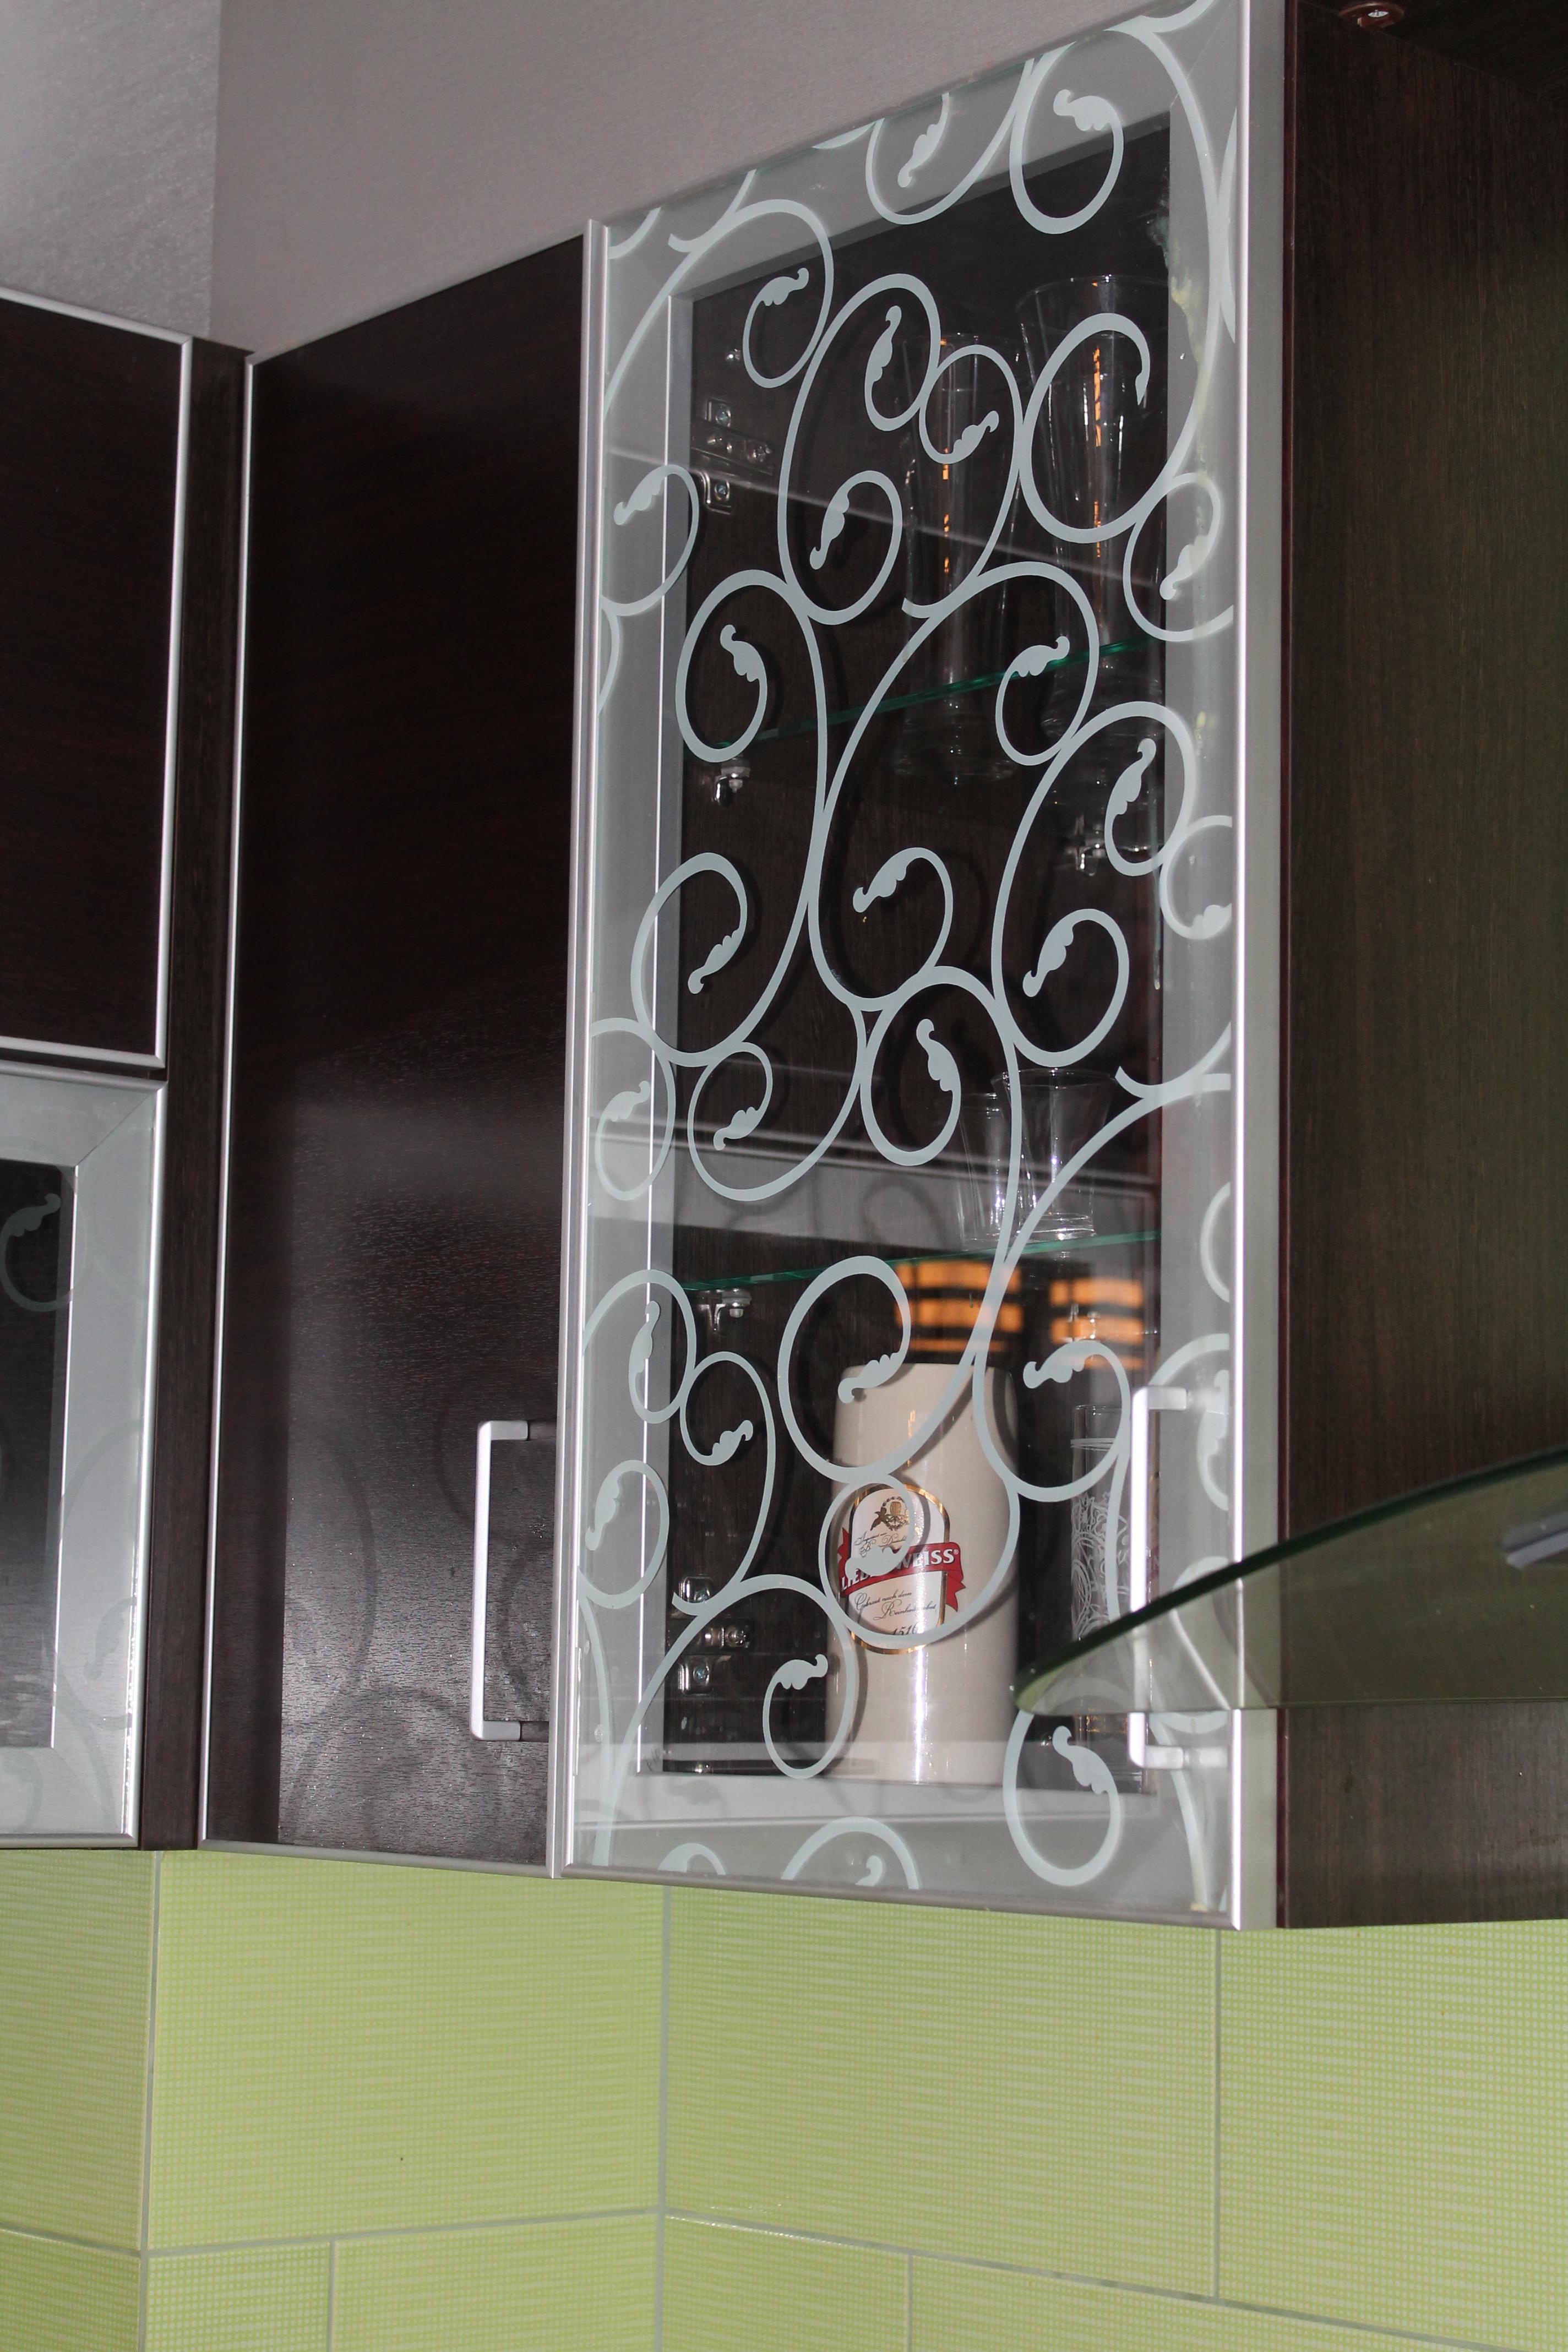 кухни фото Чебоксары стекло с рисунком.JPG